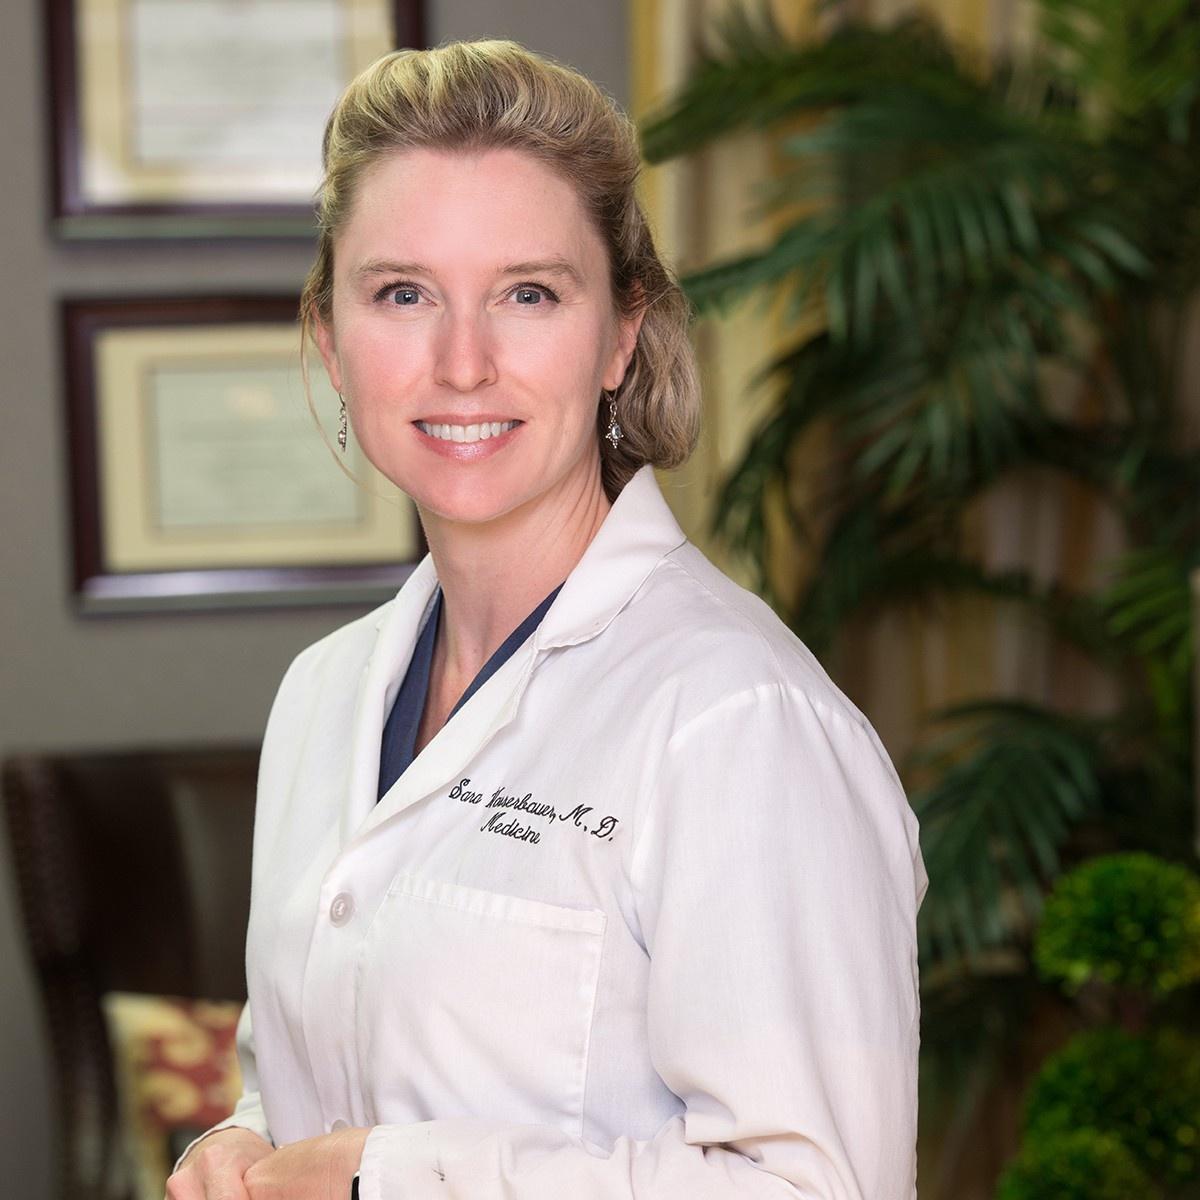 Dr Sara Wasserbauer